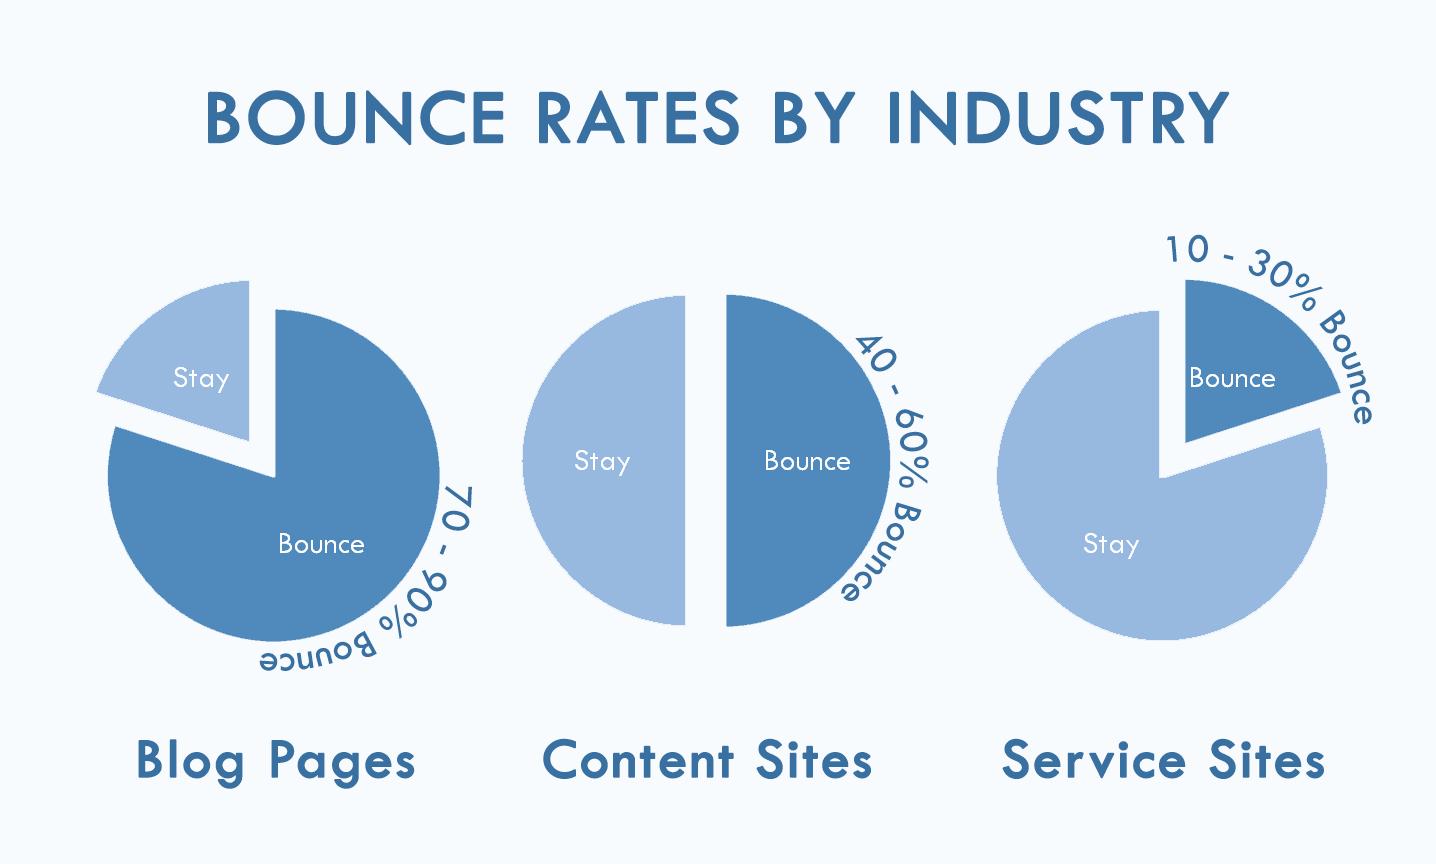 Web về dichj vụ có tỷ thoát thấp nhất trong khi web tin tức có tỷ lệ thoát cao nhất